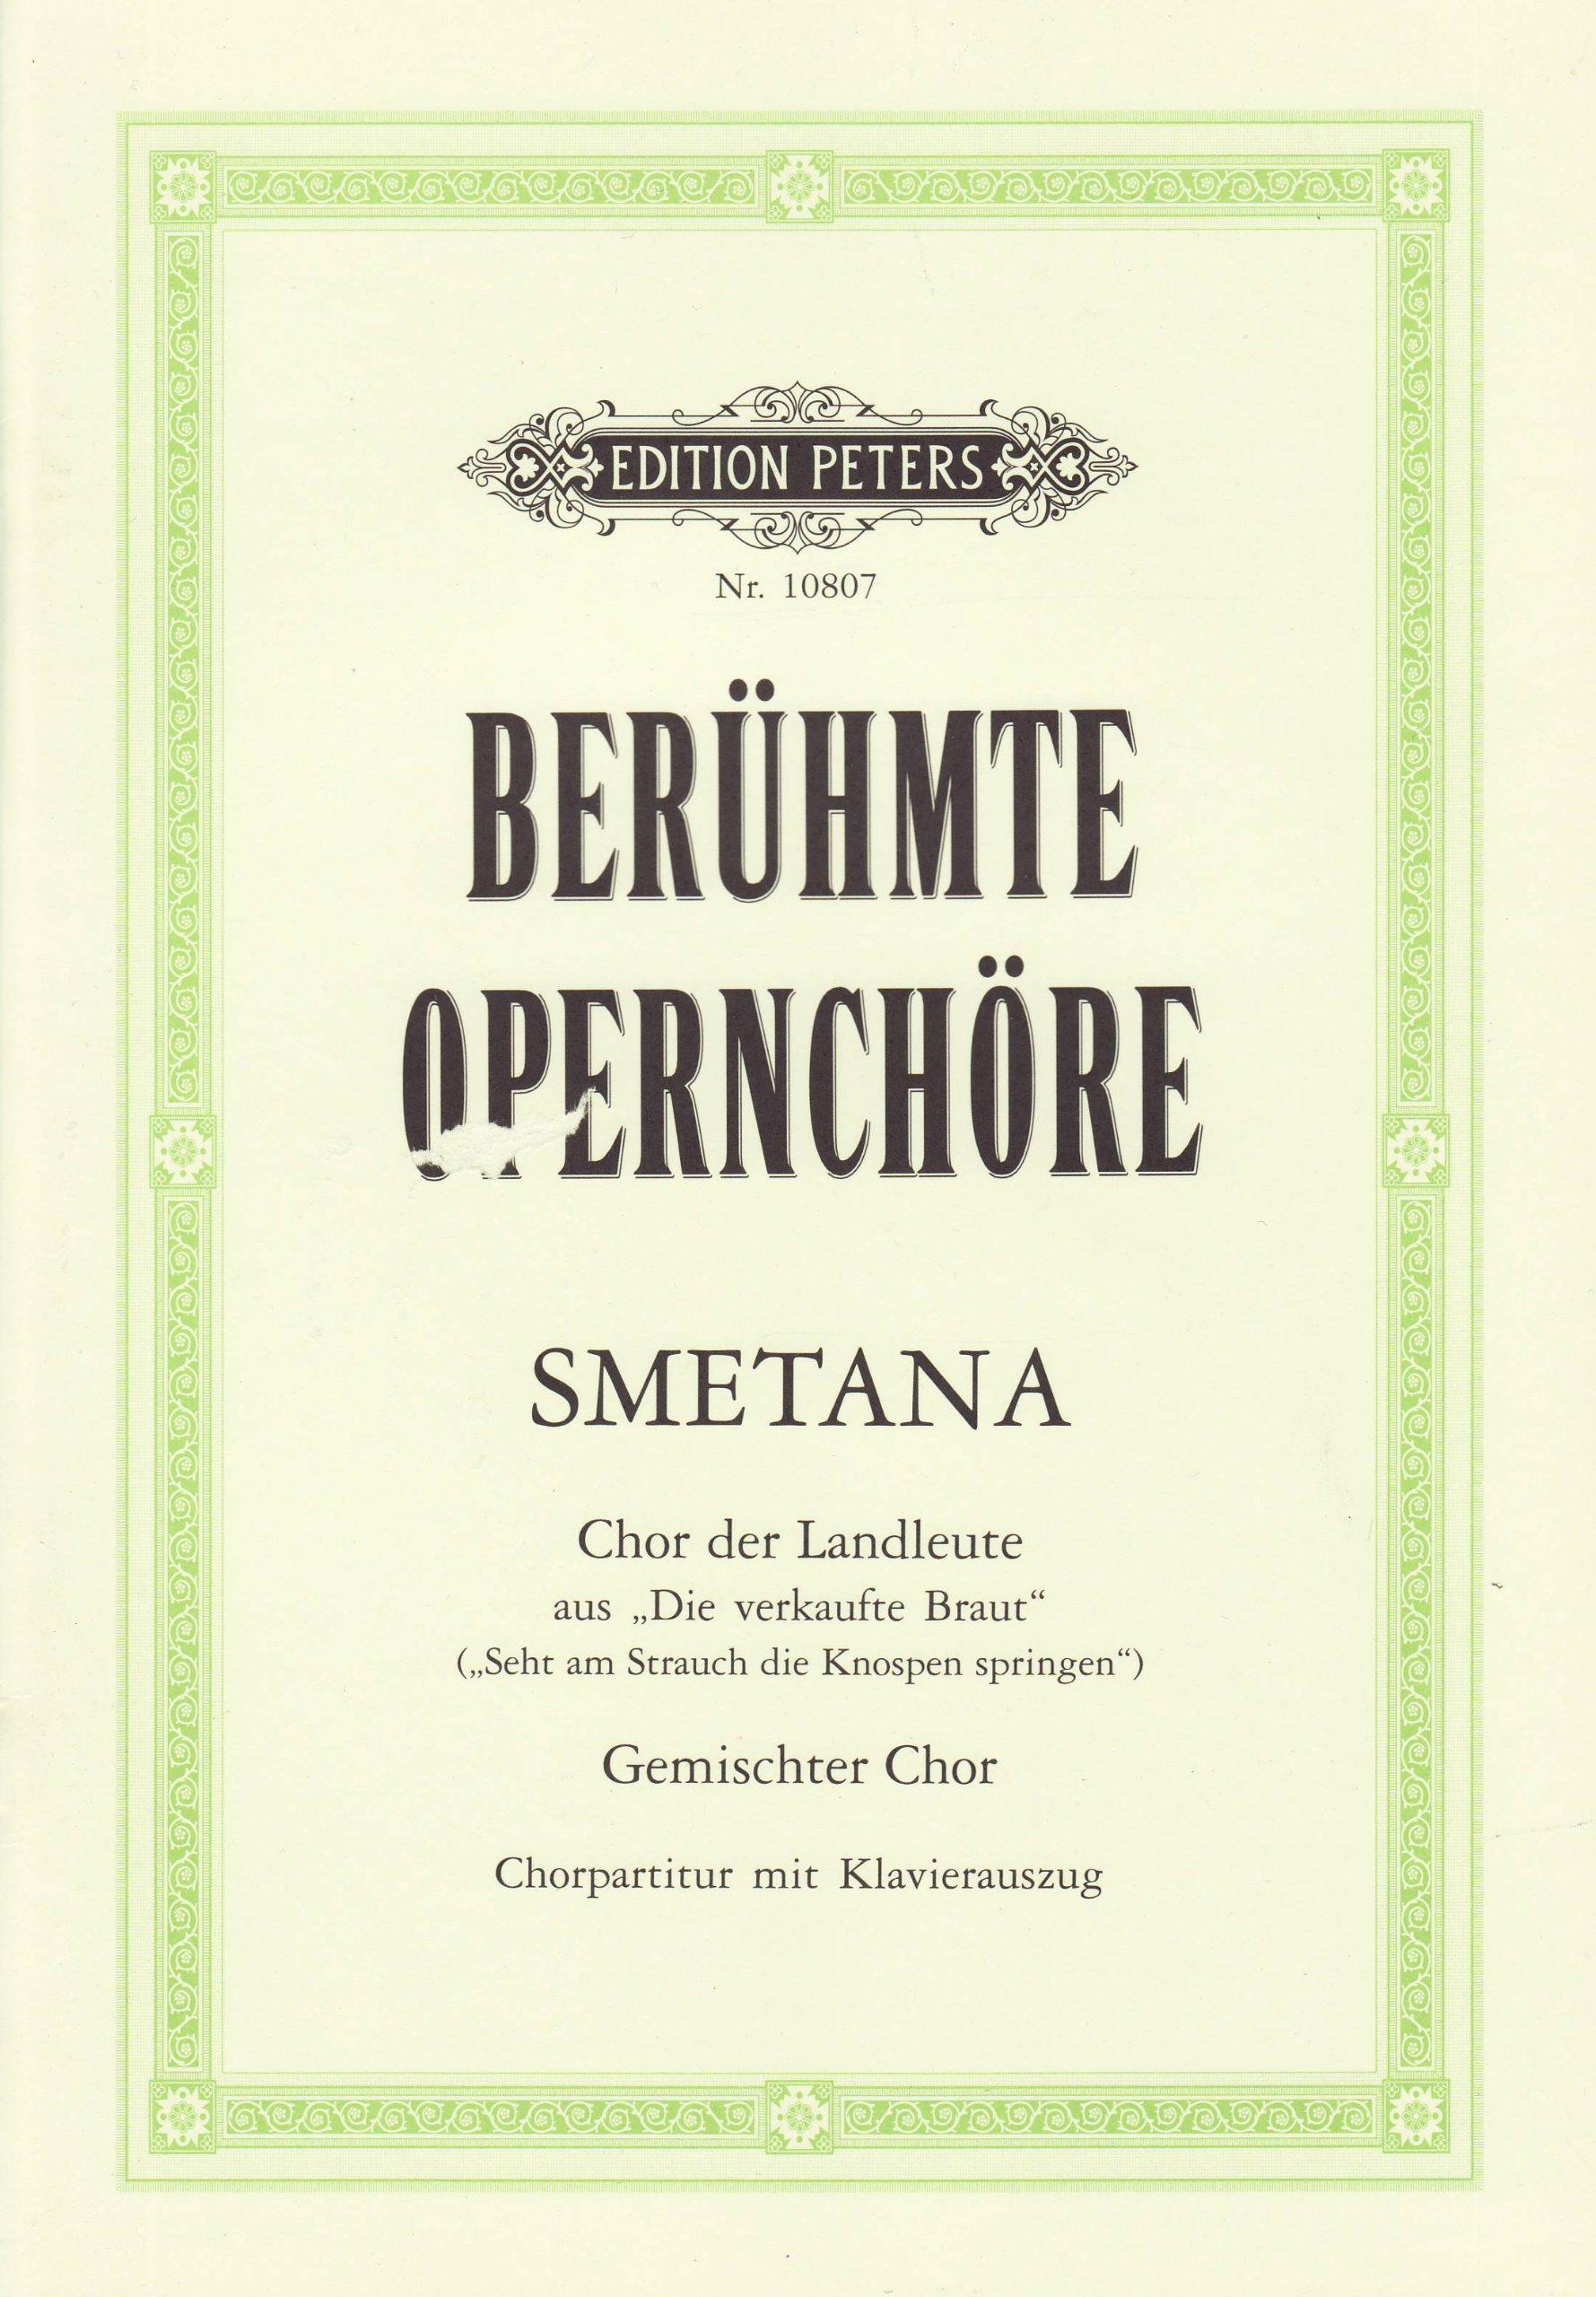 Berühmte Opernchöre: Seht an am Strauch die Knospen springen (Chor der Landleute): aus: Die verkaufte Braut / für gemischten Chor / Chorpartitur mit Klavierauszug